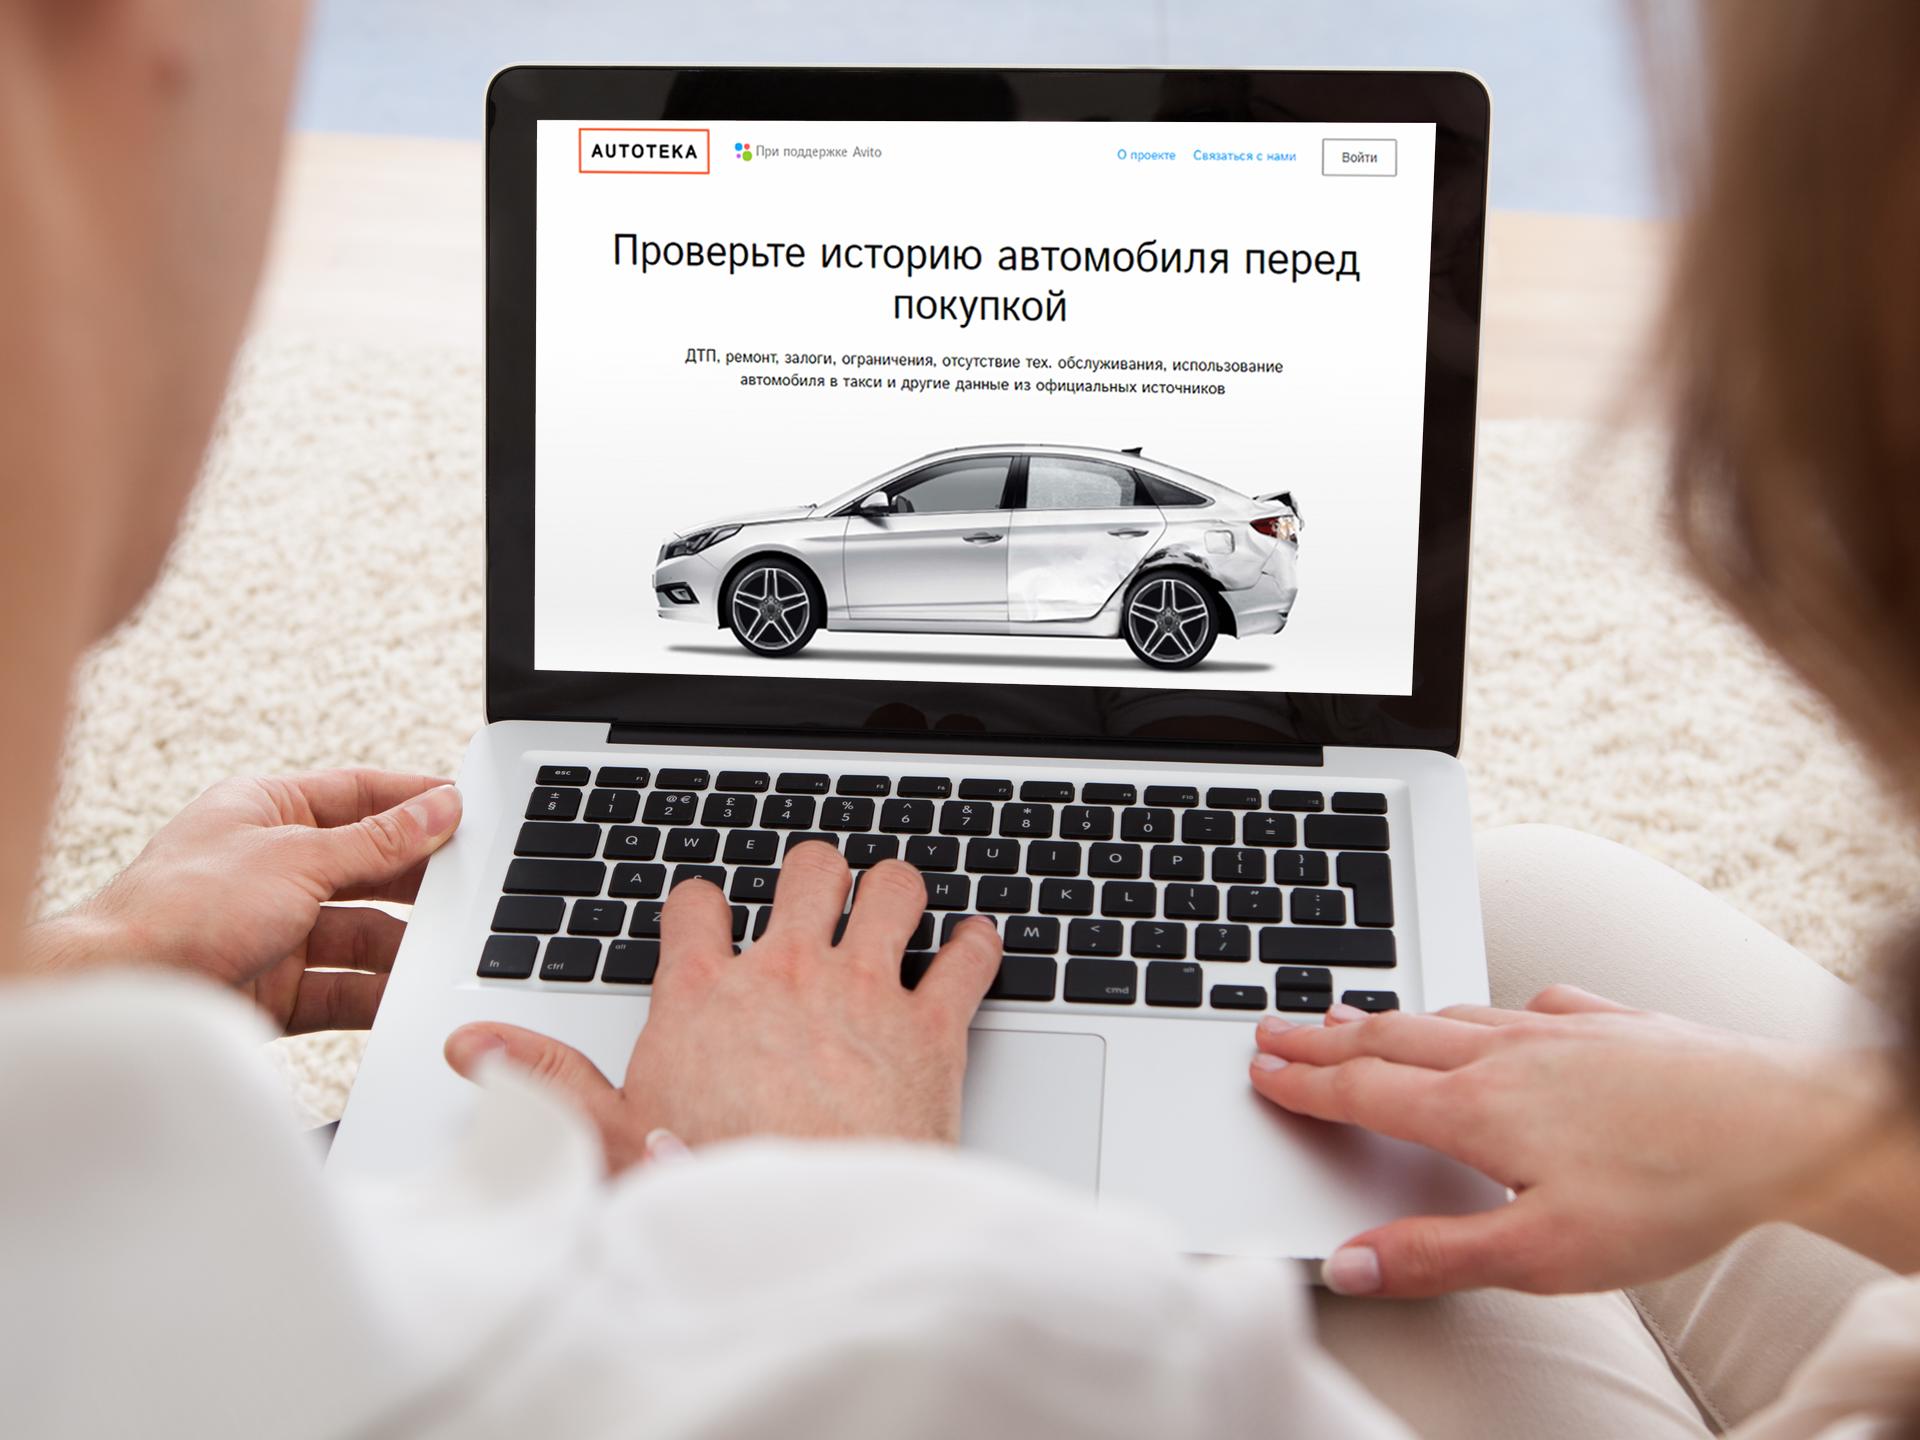 База данных марок и моделей автомобилей. Скачать базу по автомобилям.